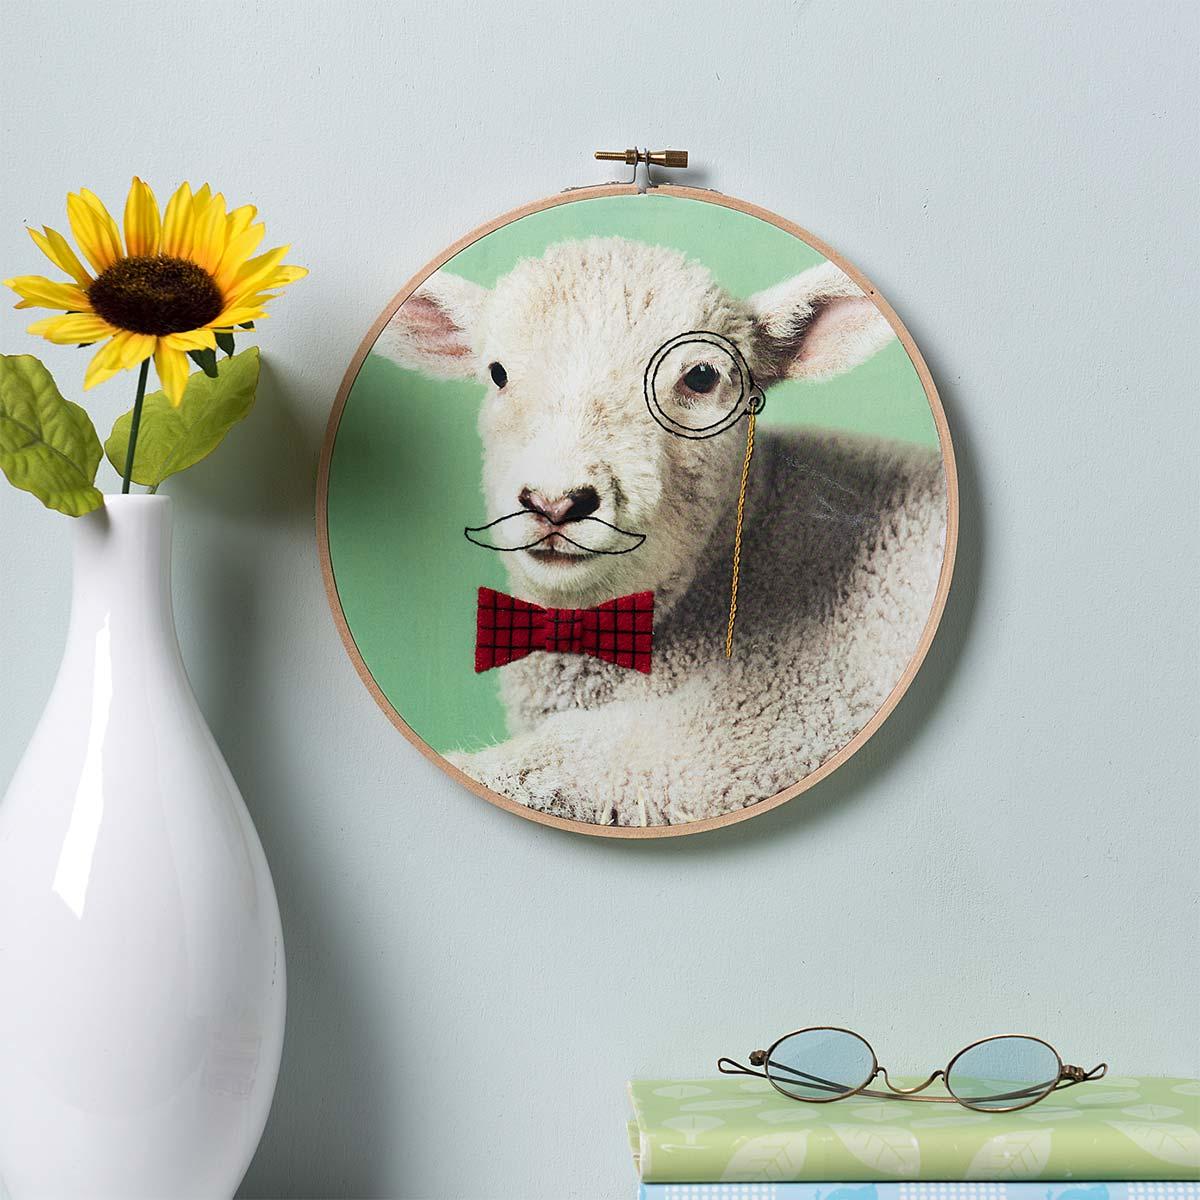 Photo Transfer and Stitching Wall Art